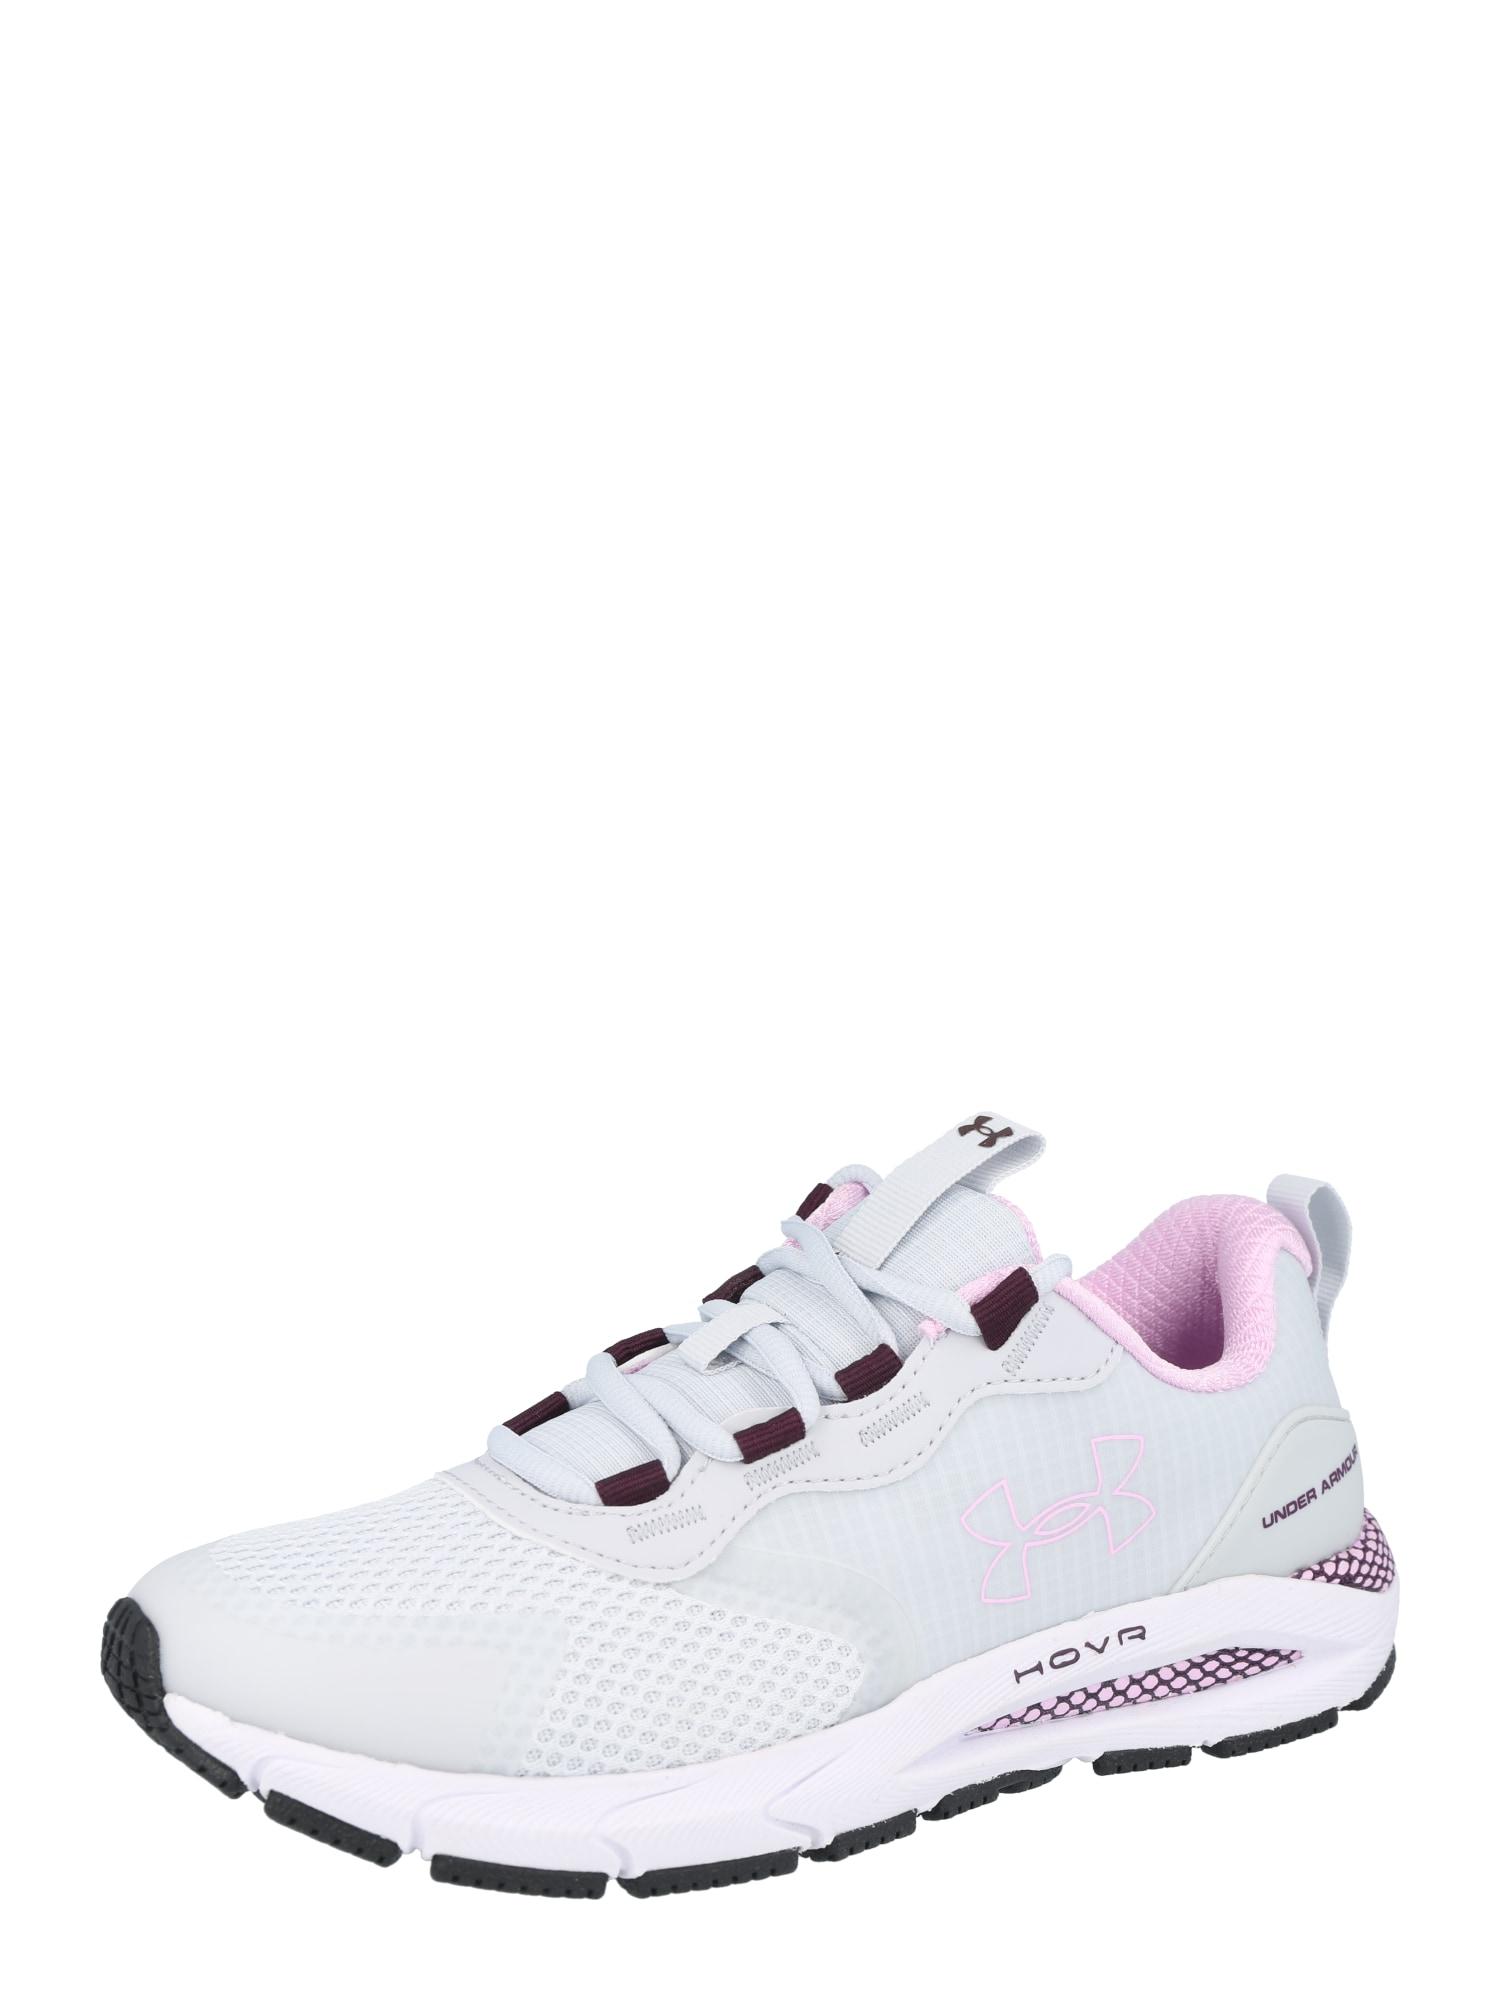 UNDER ARMOUR Bėgimo batai šviesiai pilka / rausvai violetinė spalva